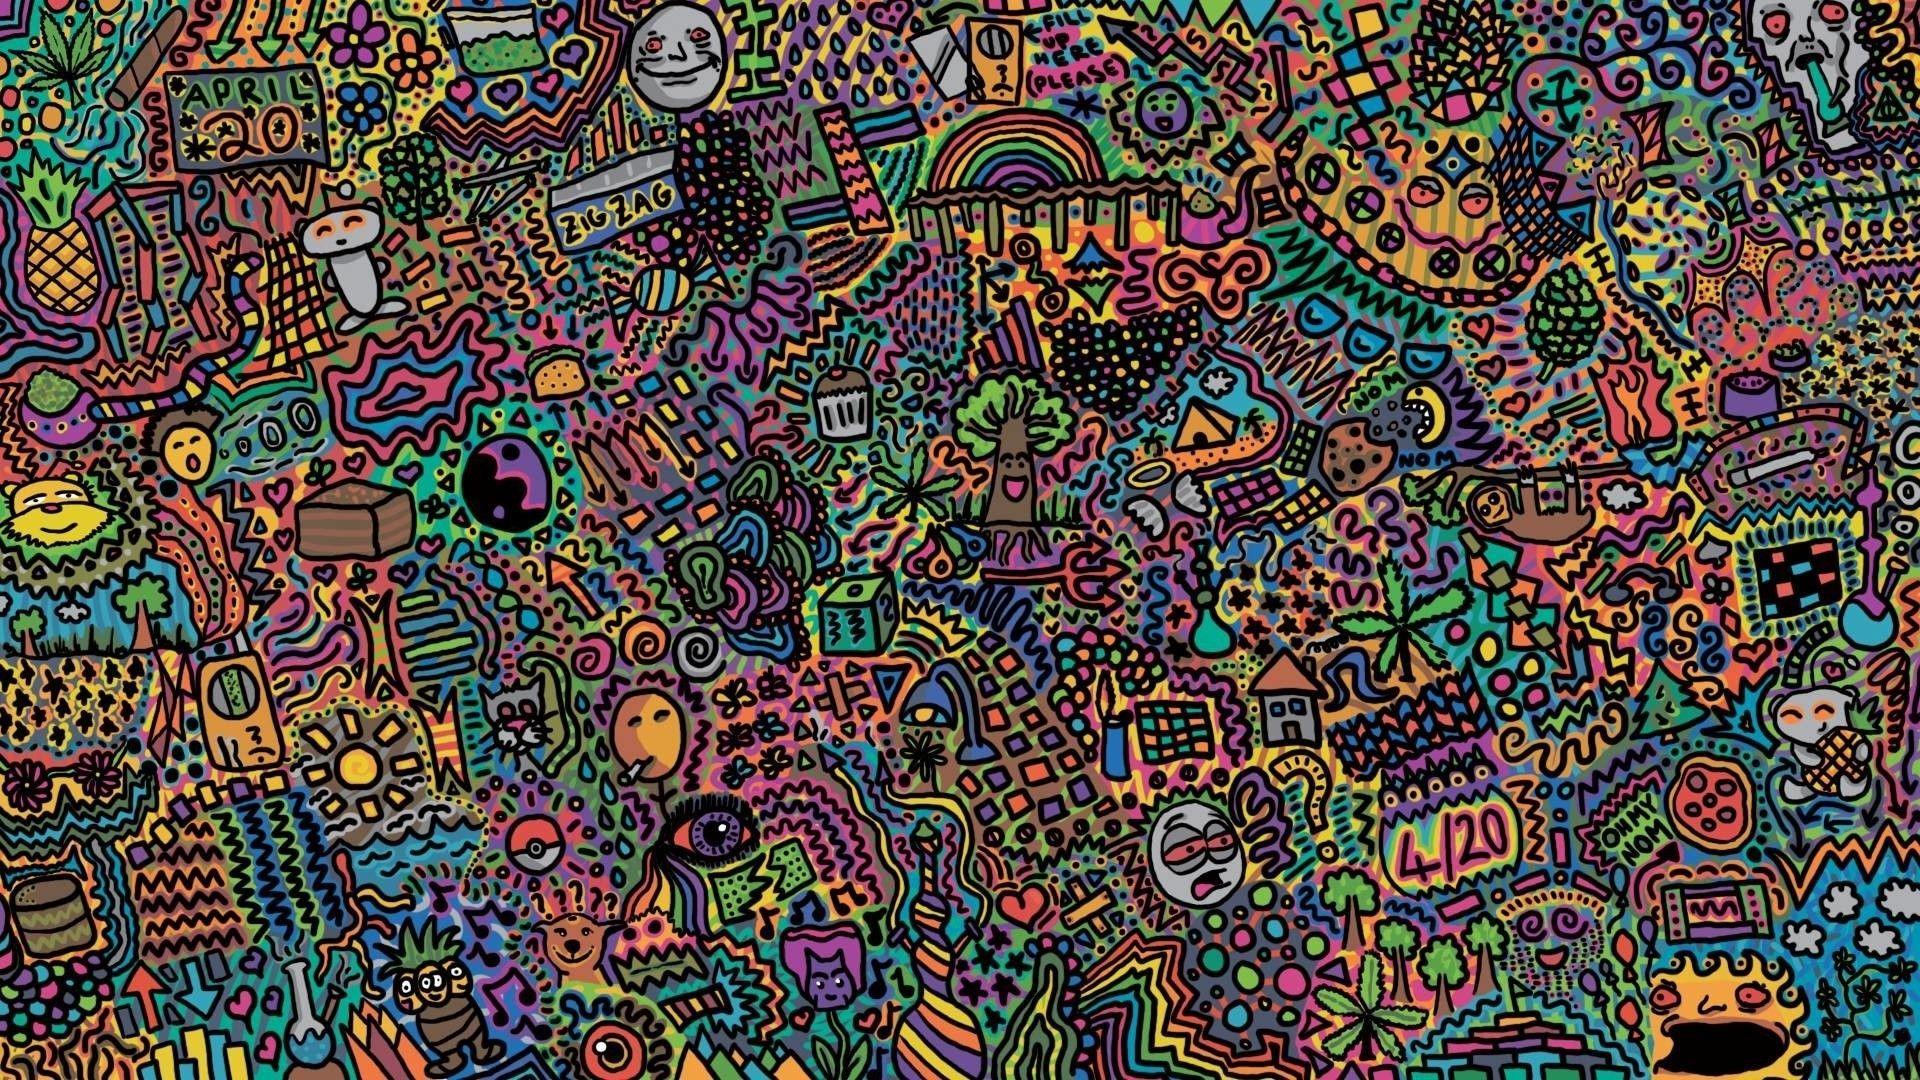 1920x1080 Mandala Hình nền máy tính, 2935,28 Kb